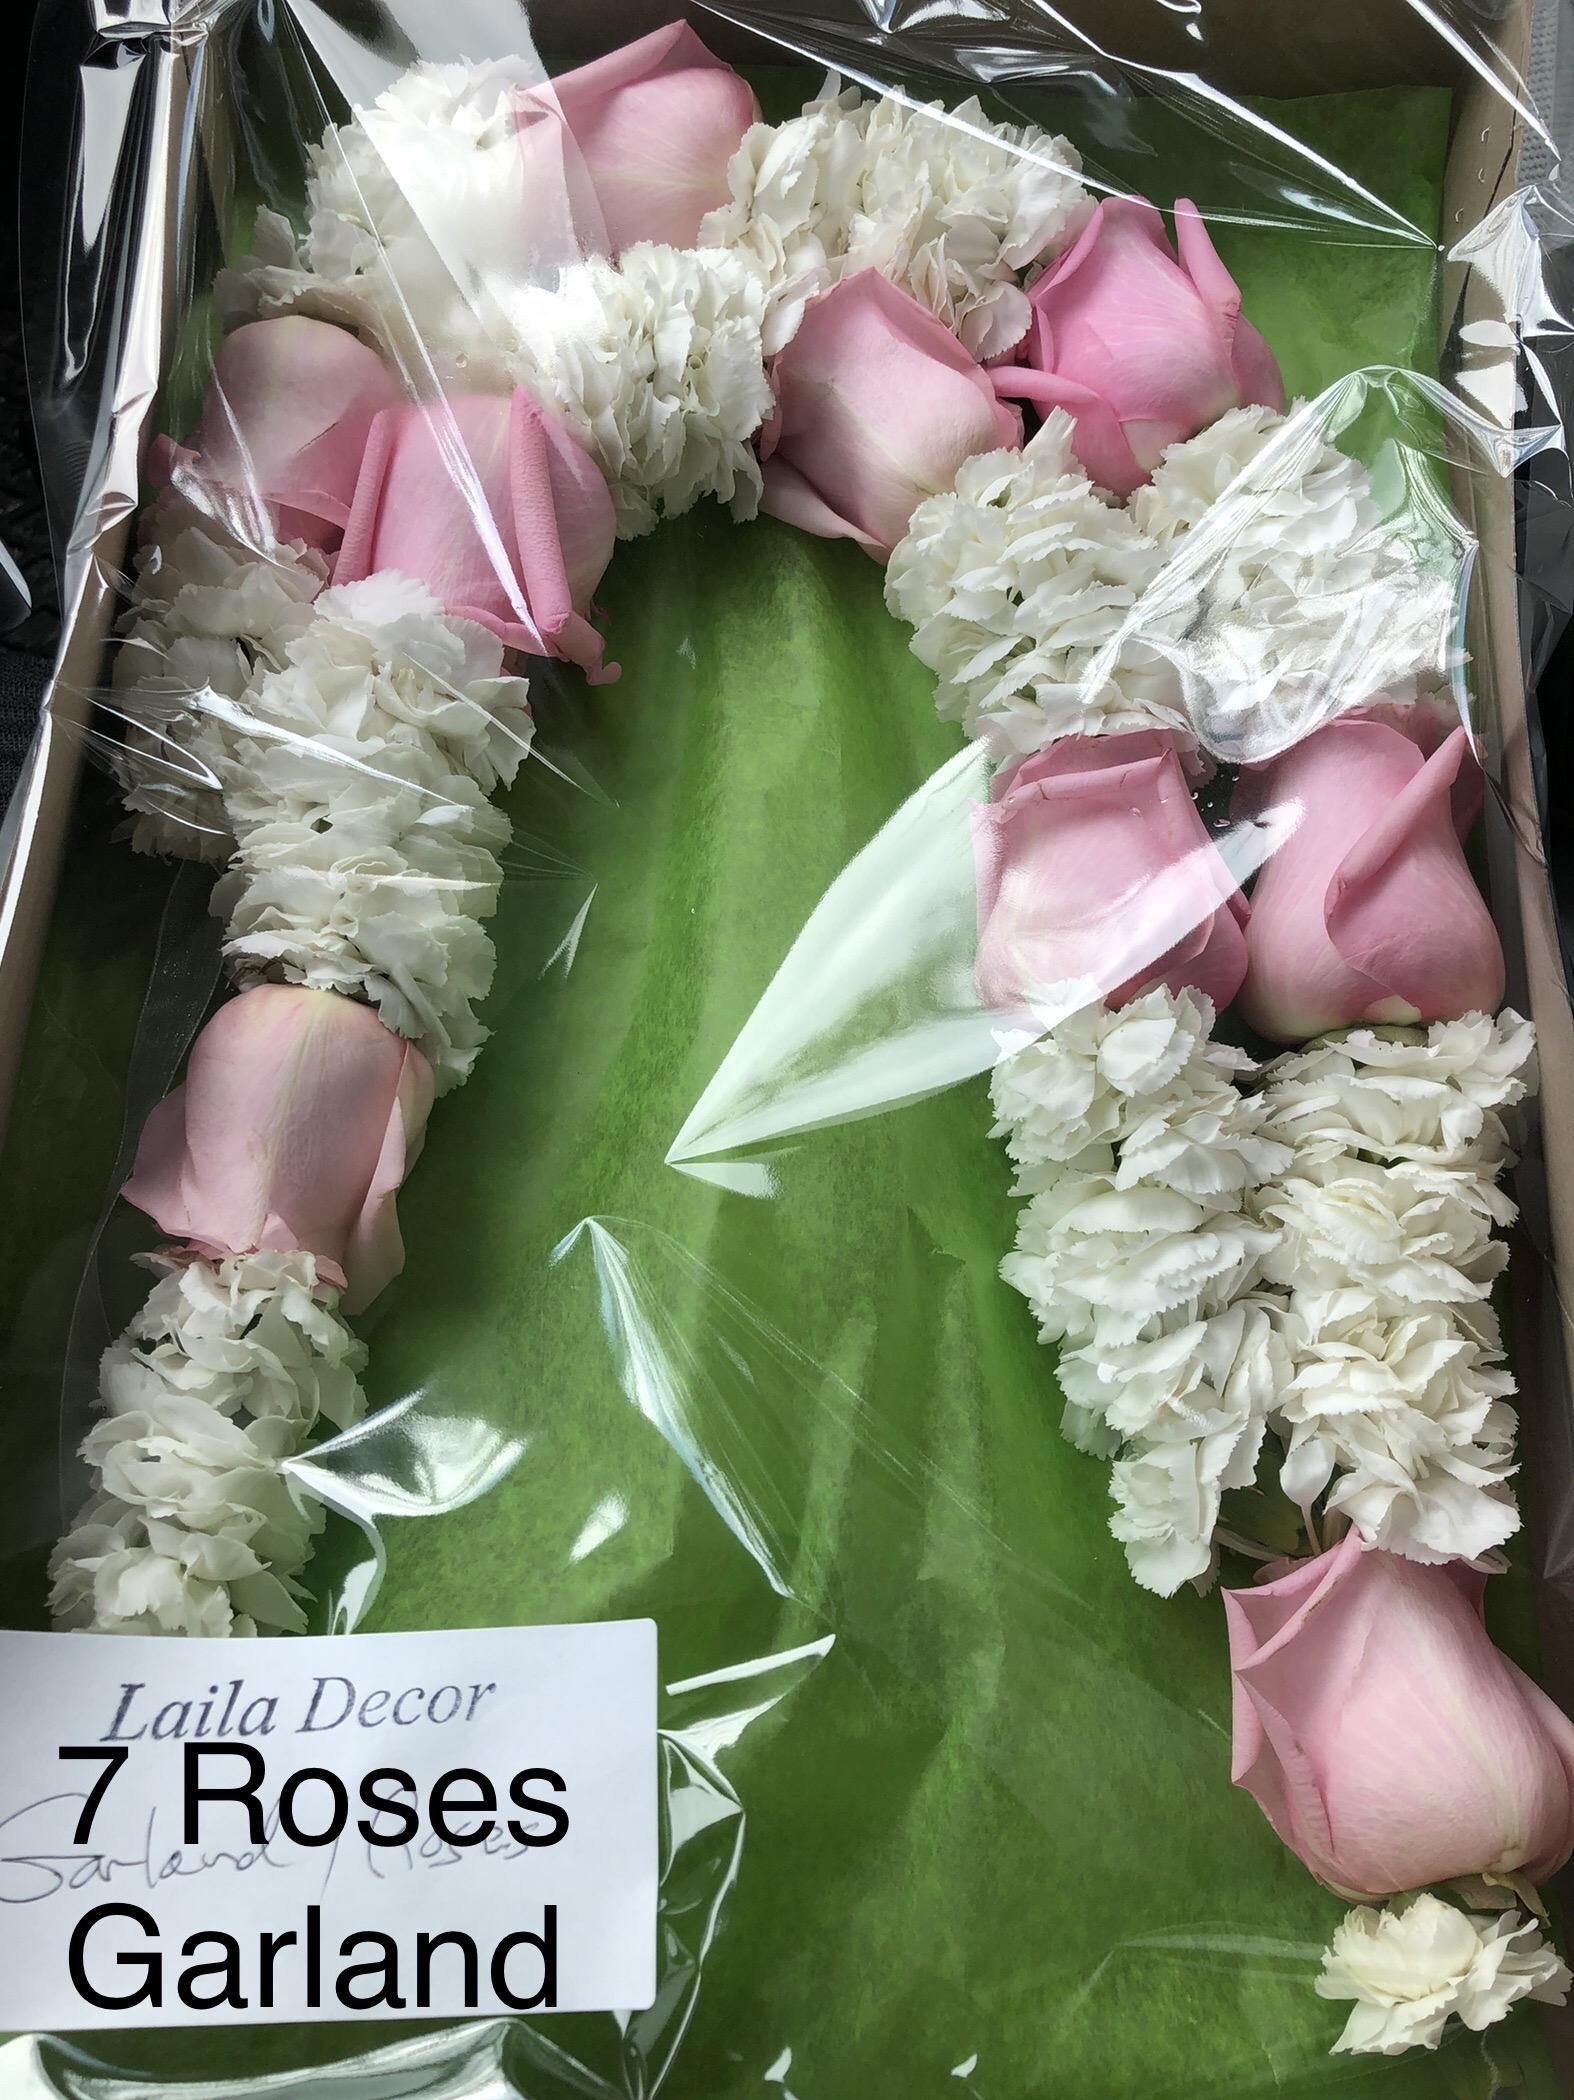 7 ROSES GARLAND